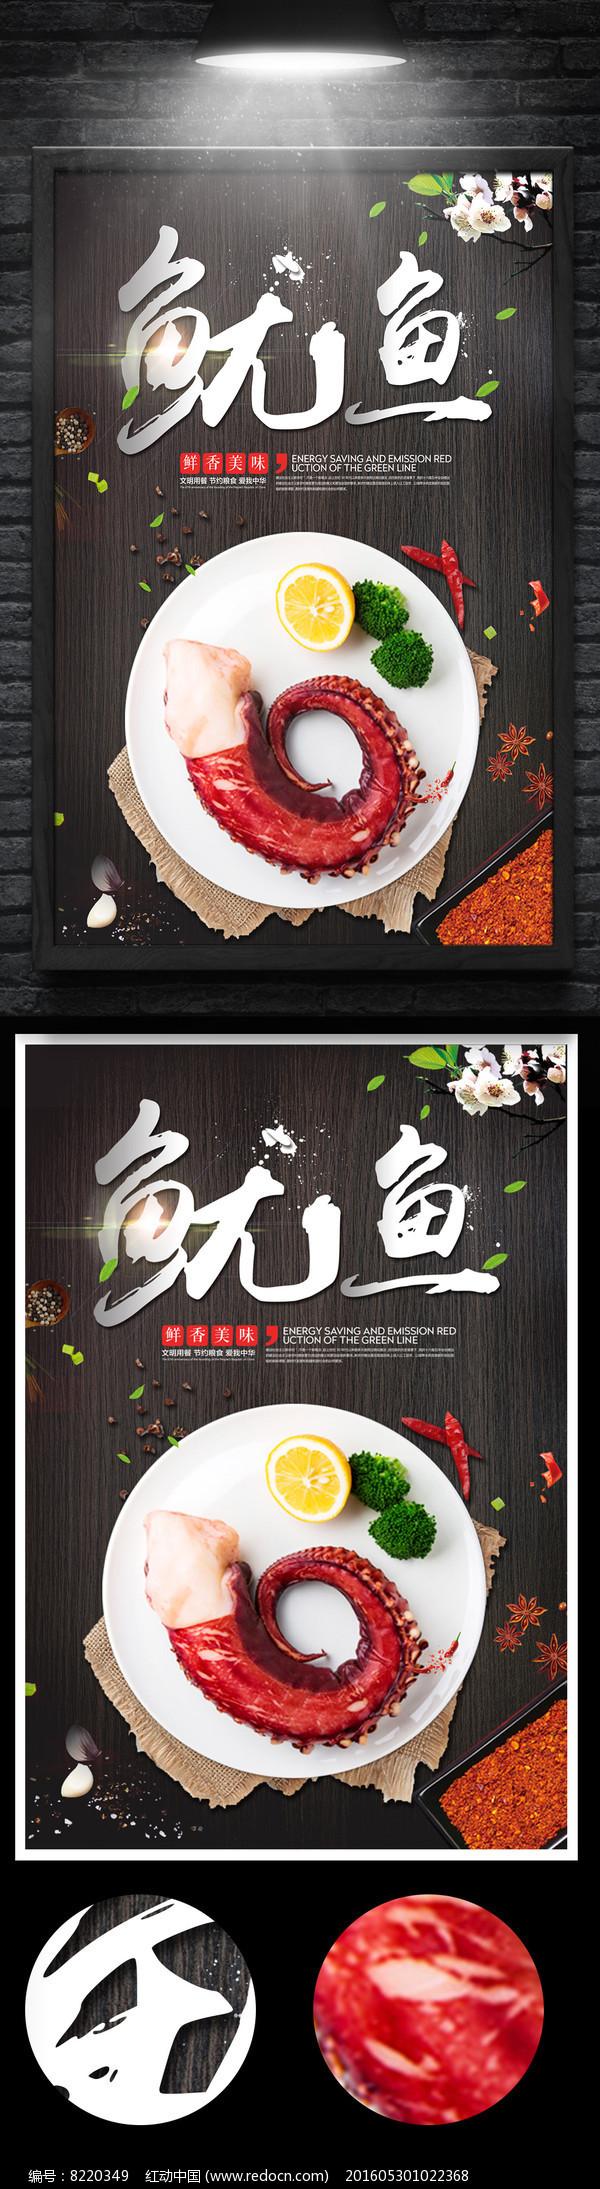 铁板鱿鱼烧烤美食节广告海报图片